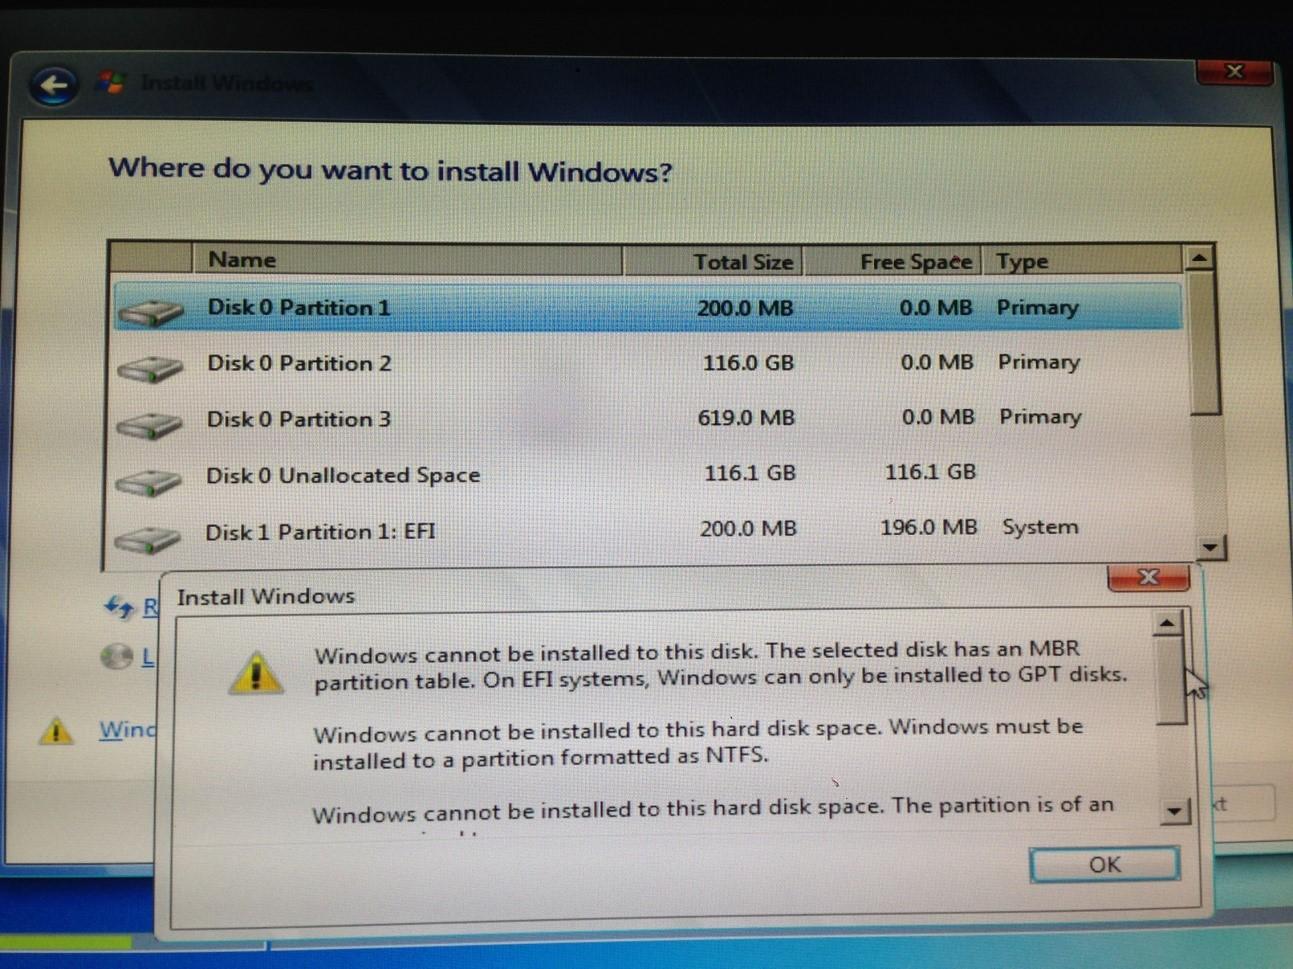 các lỗi trong quá trình cài đặt Windows